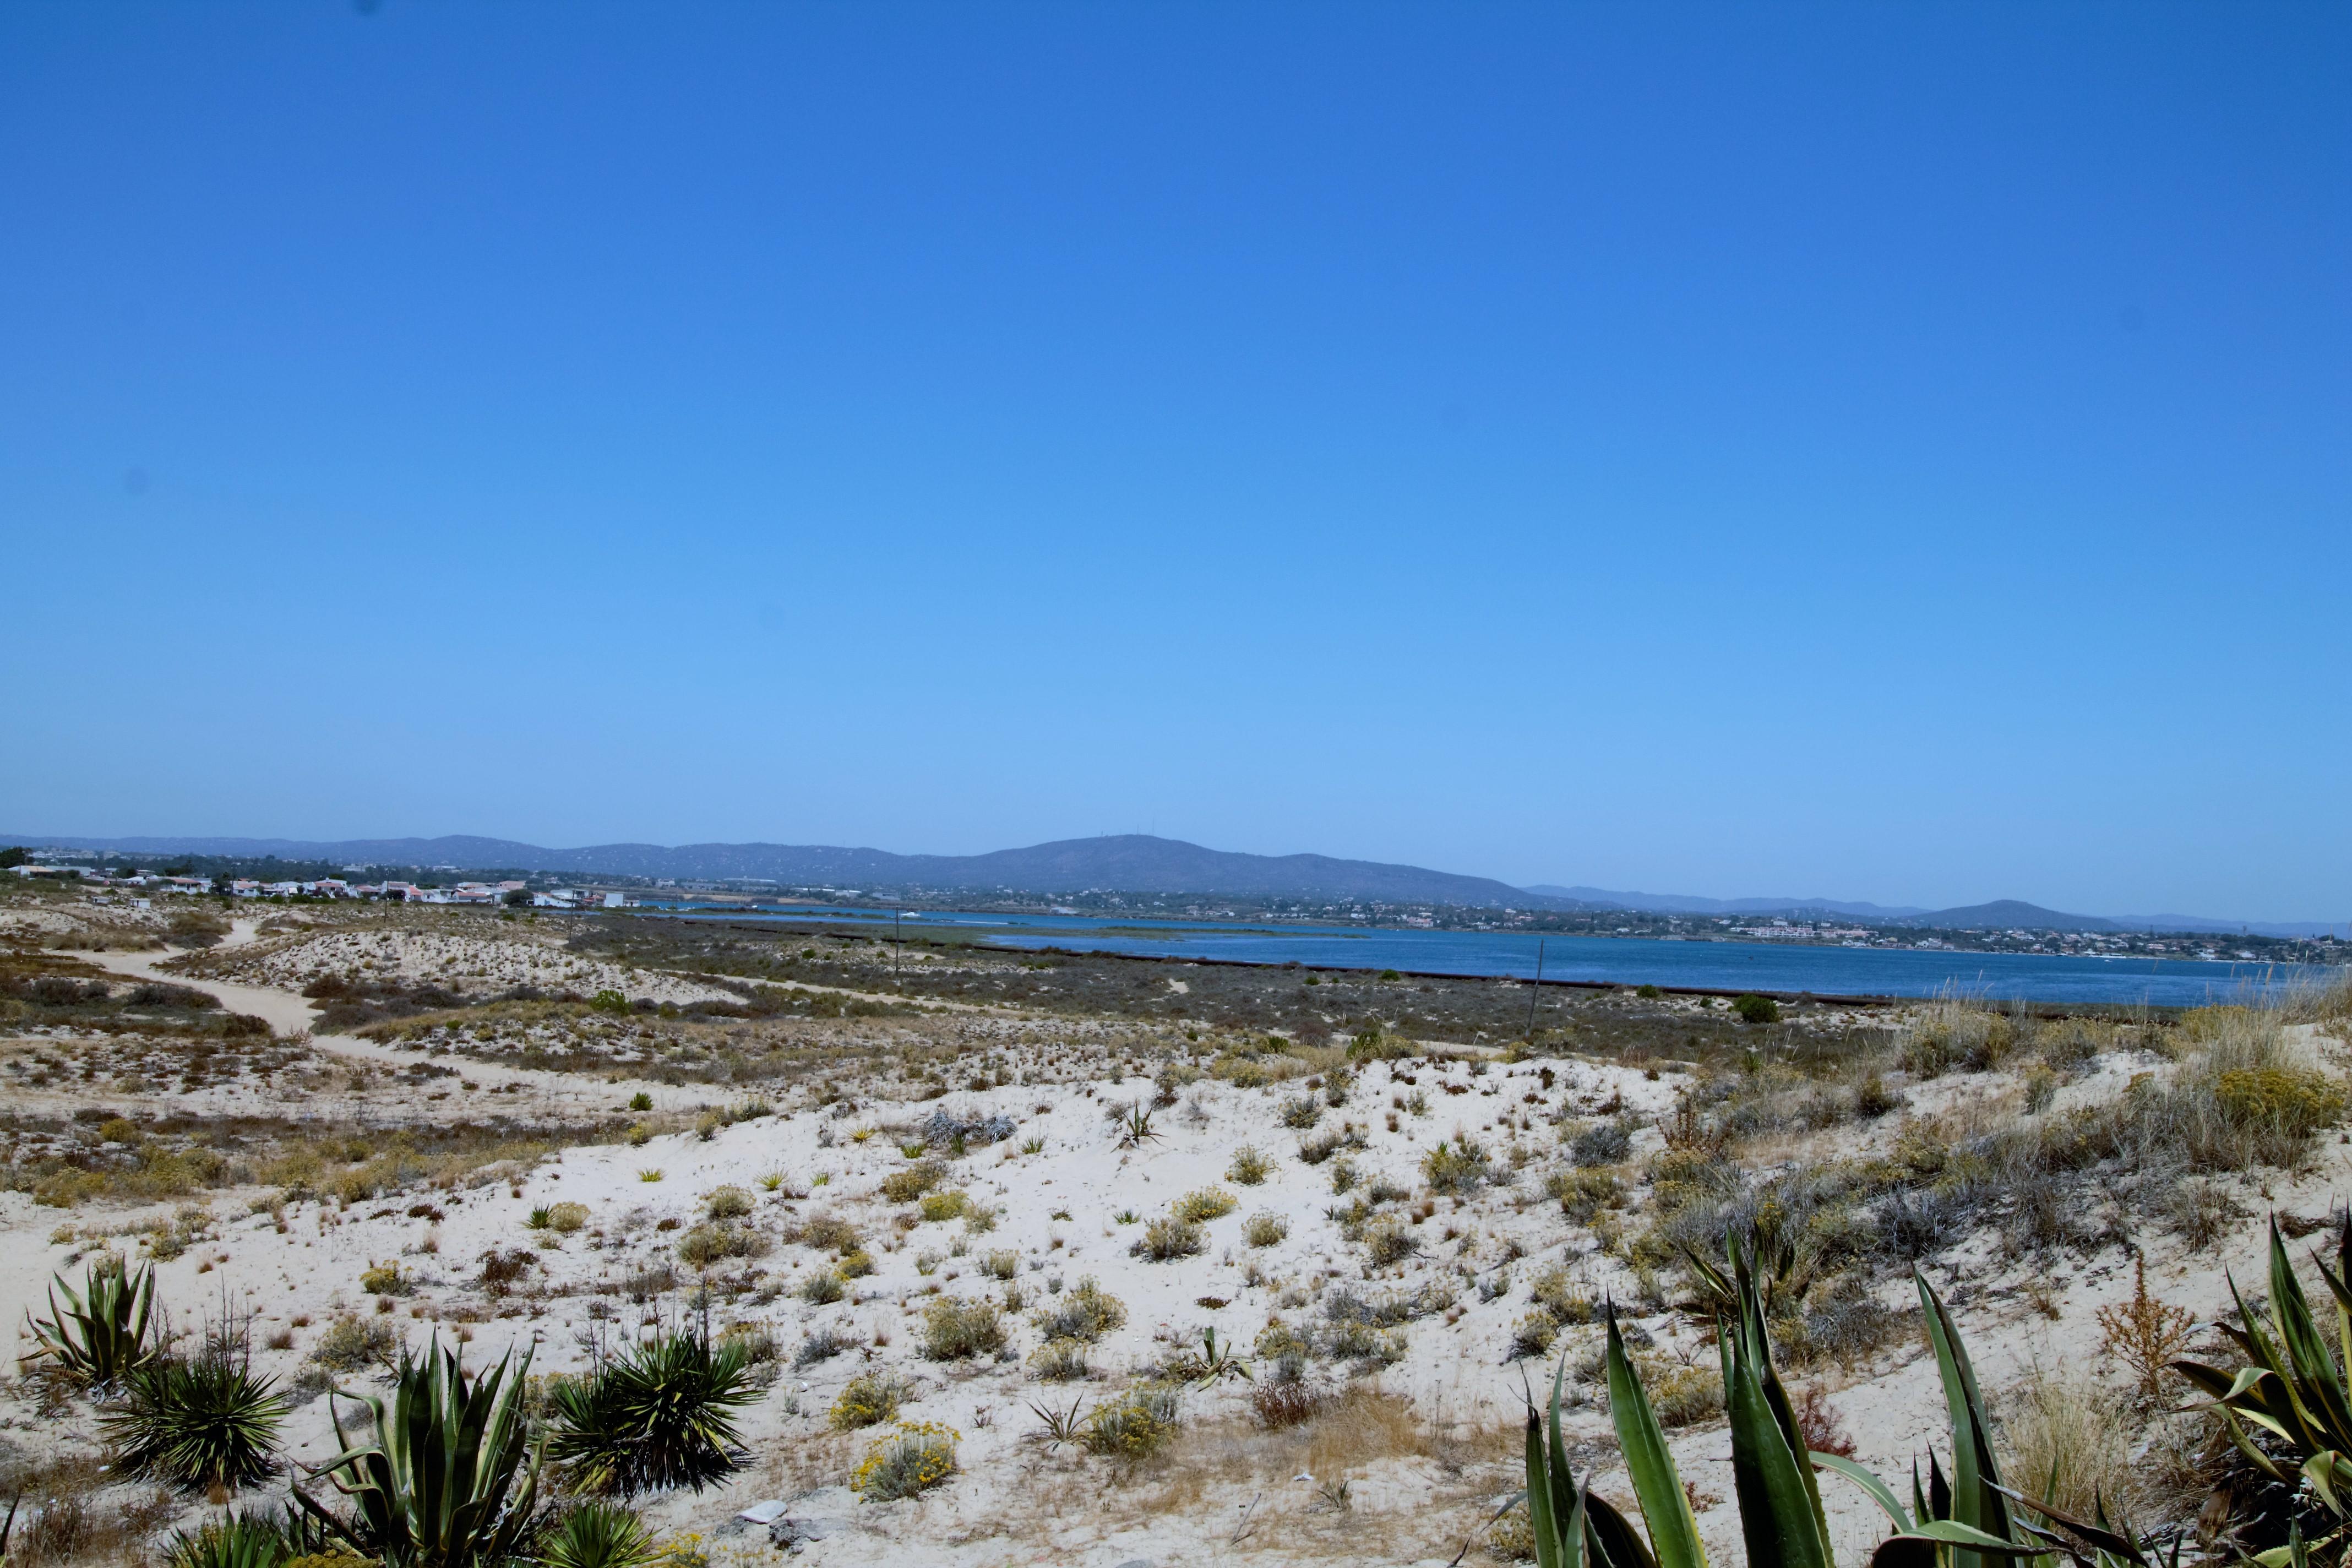 Holiday apartments and villas for rent, Moradia no Algarve com vista mar 10 mint da praia (a pé) in Olhão, Portugal Algarve, REF_IMG_6691_6708